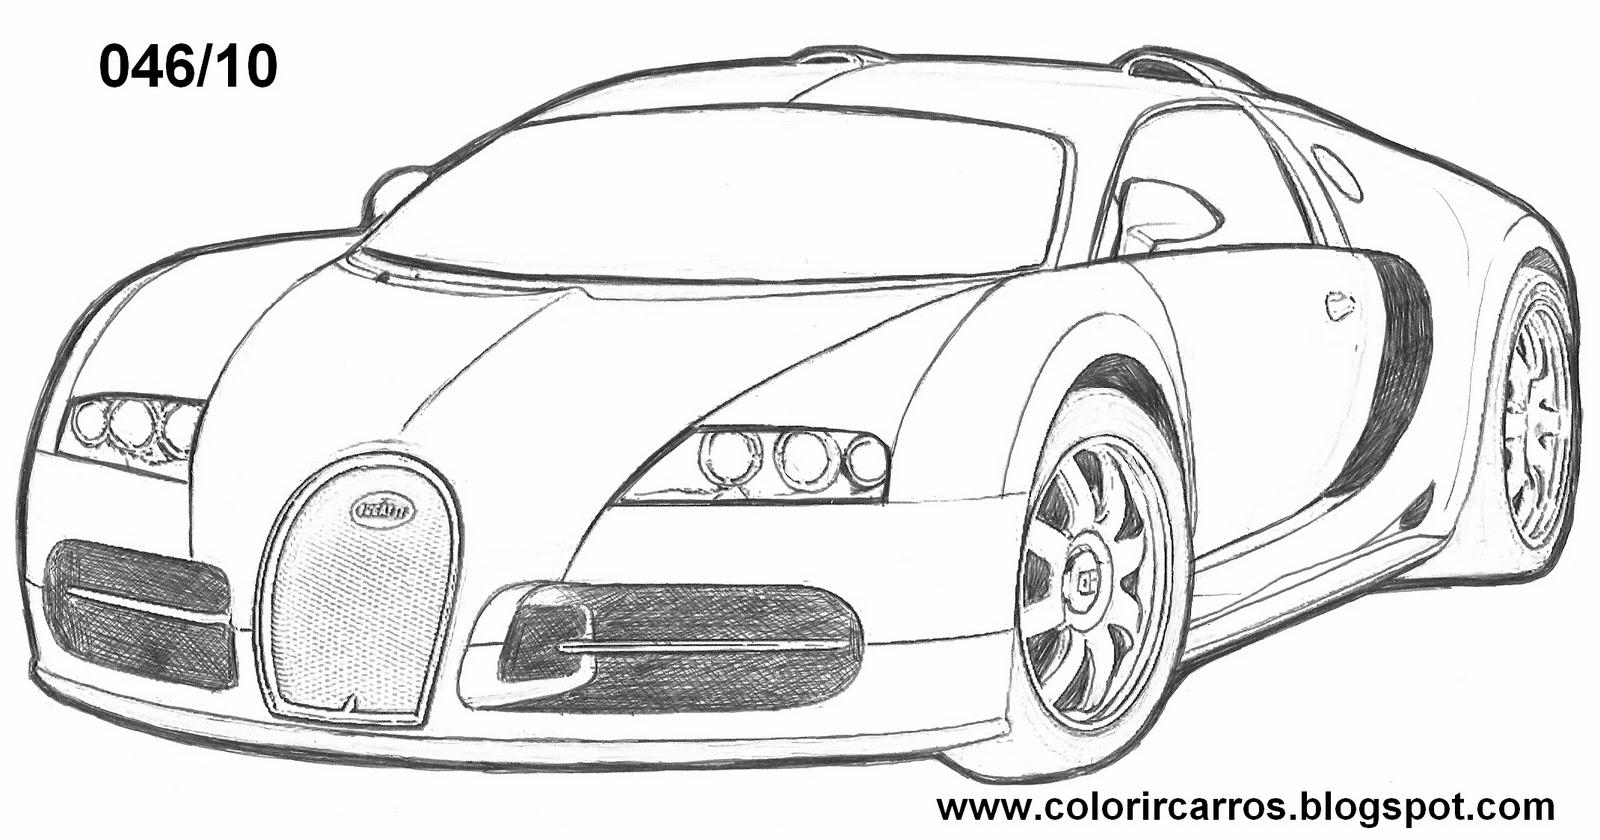 http://1.bp.blogspot.com/-nA_T8G3E1ck/U_-9-WJxSFI/AAAAAAAAOBE/tdm60ivlHQs/s1600/dibujos%2Bde%2Bcoches%2B(1).png